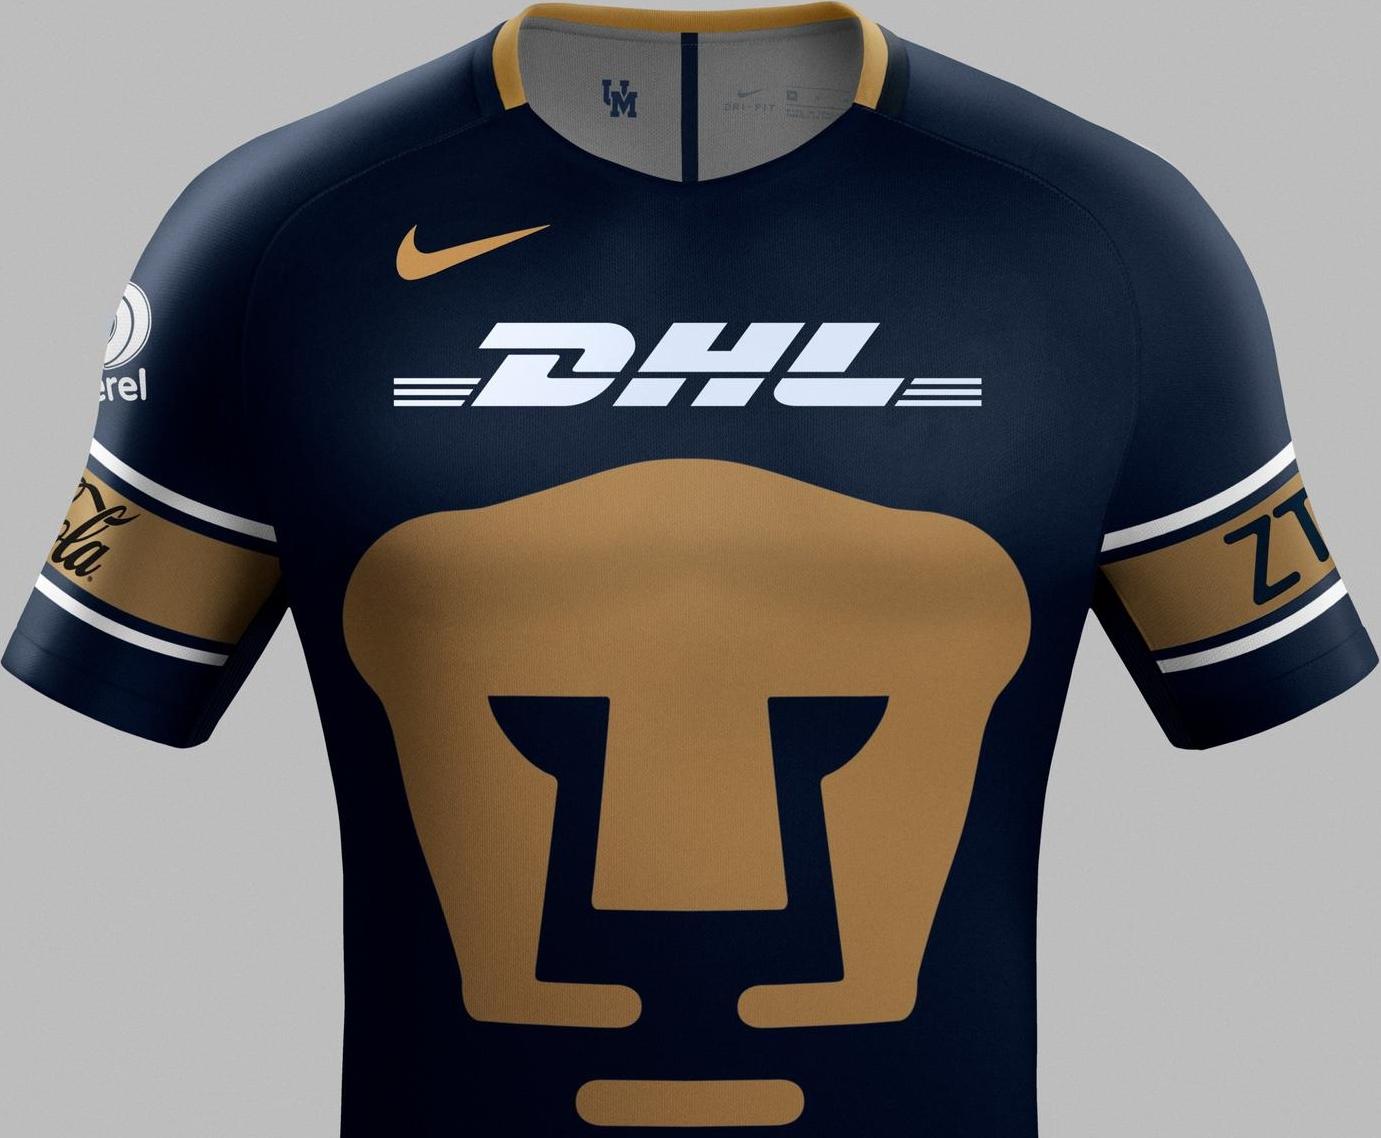 Nike divulga as novas camisas do Pumas do México - Show de Camisas adb2bd64a670c